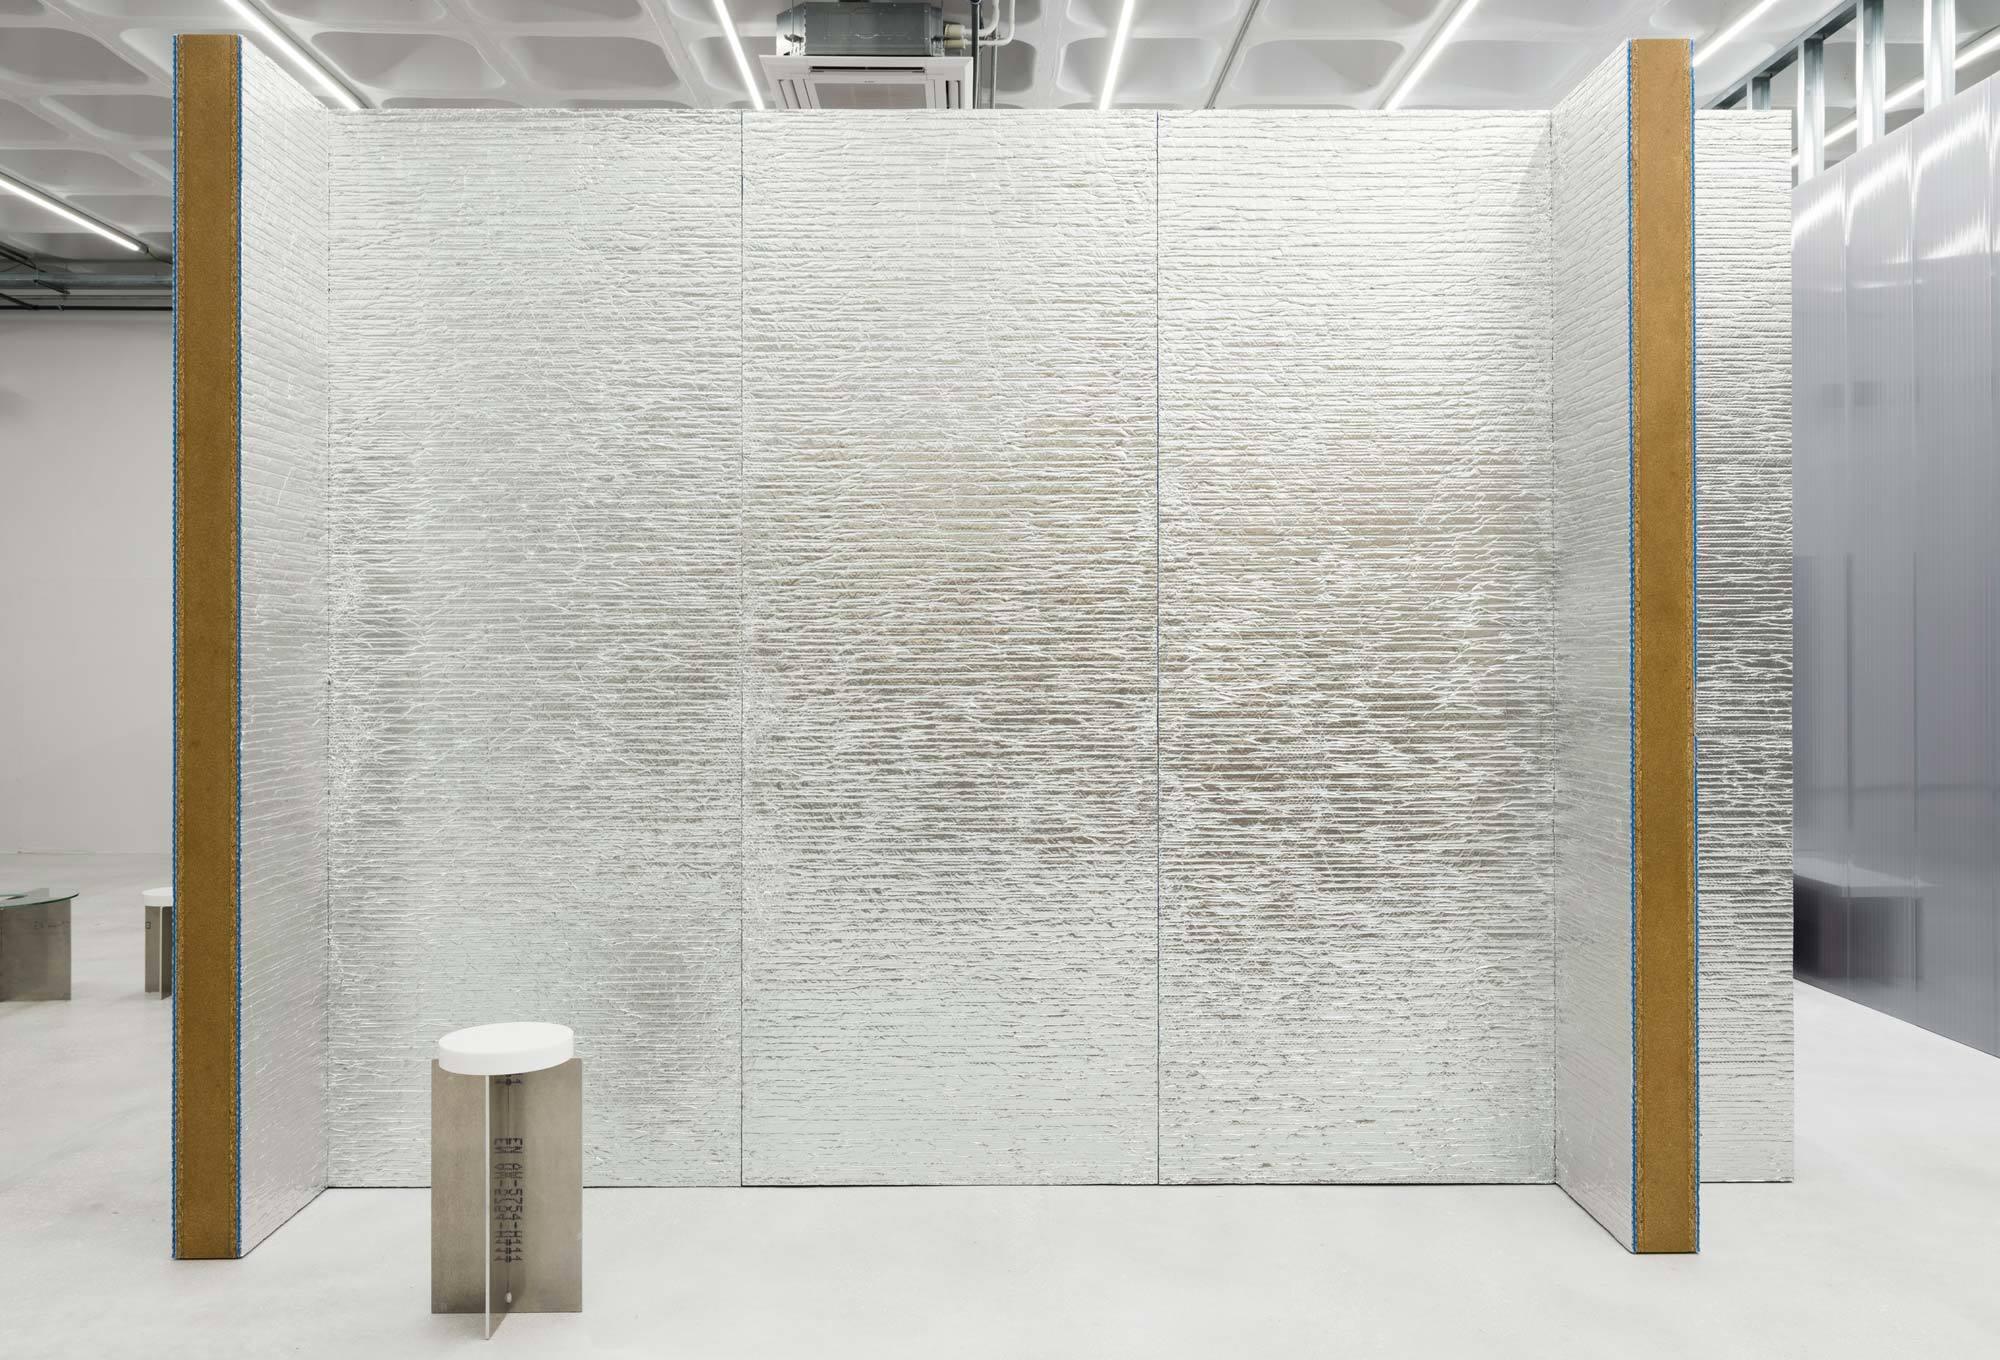 Showroom Tem-plate Lissabon – Interior von AAS Gonzalez Haase. Foto: Thomas Meyer / Ostkreuz